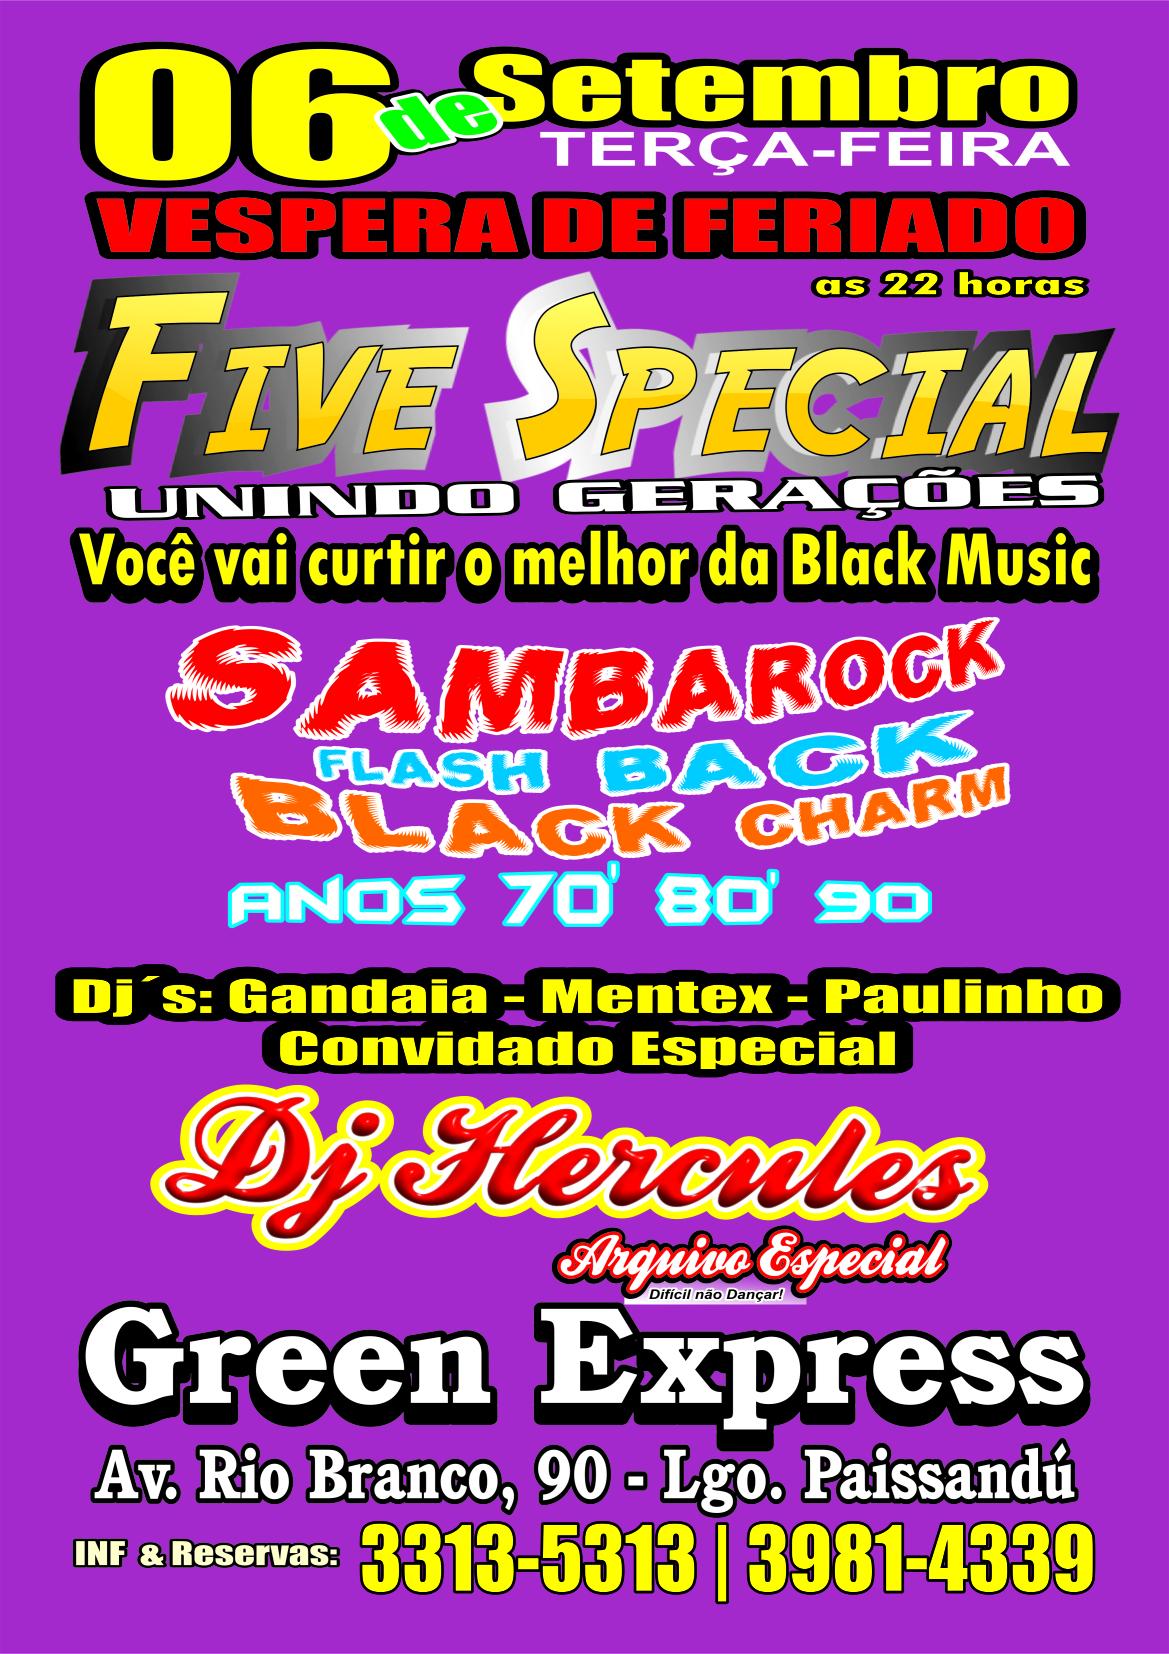 Próxima semana tem Five Special no Green Express